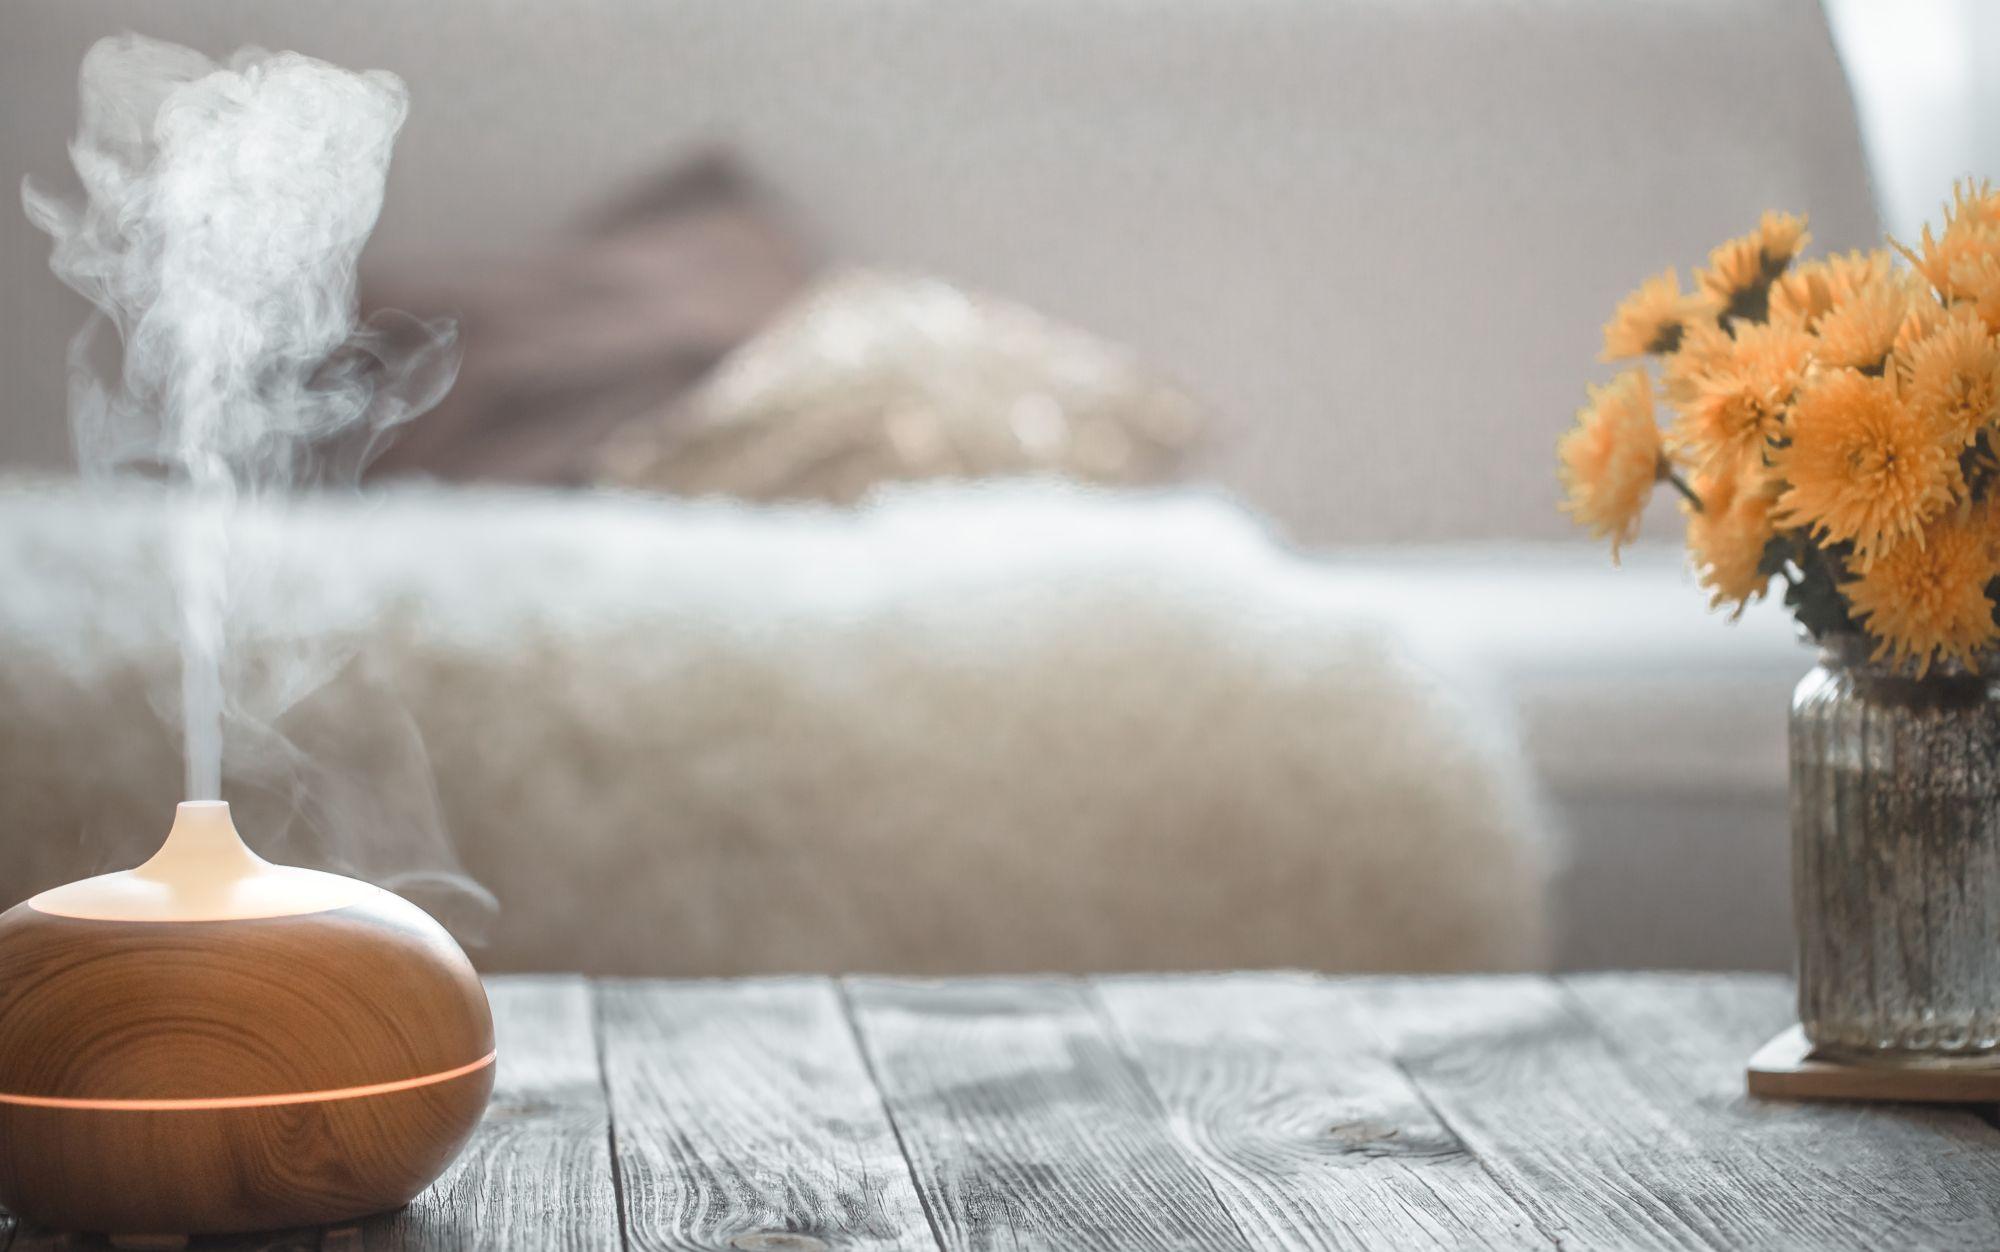 Led világítással rendelkező aroma diffúzor a nappaliban